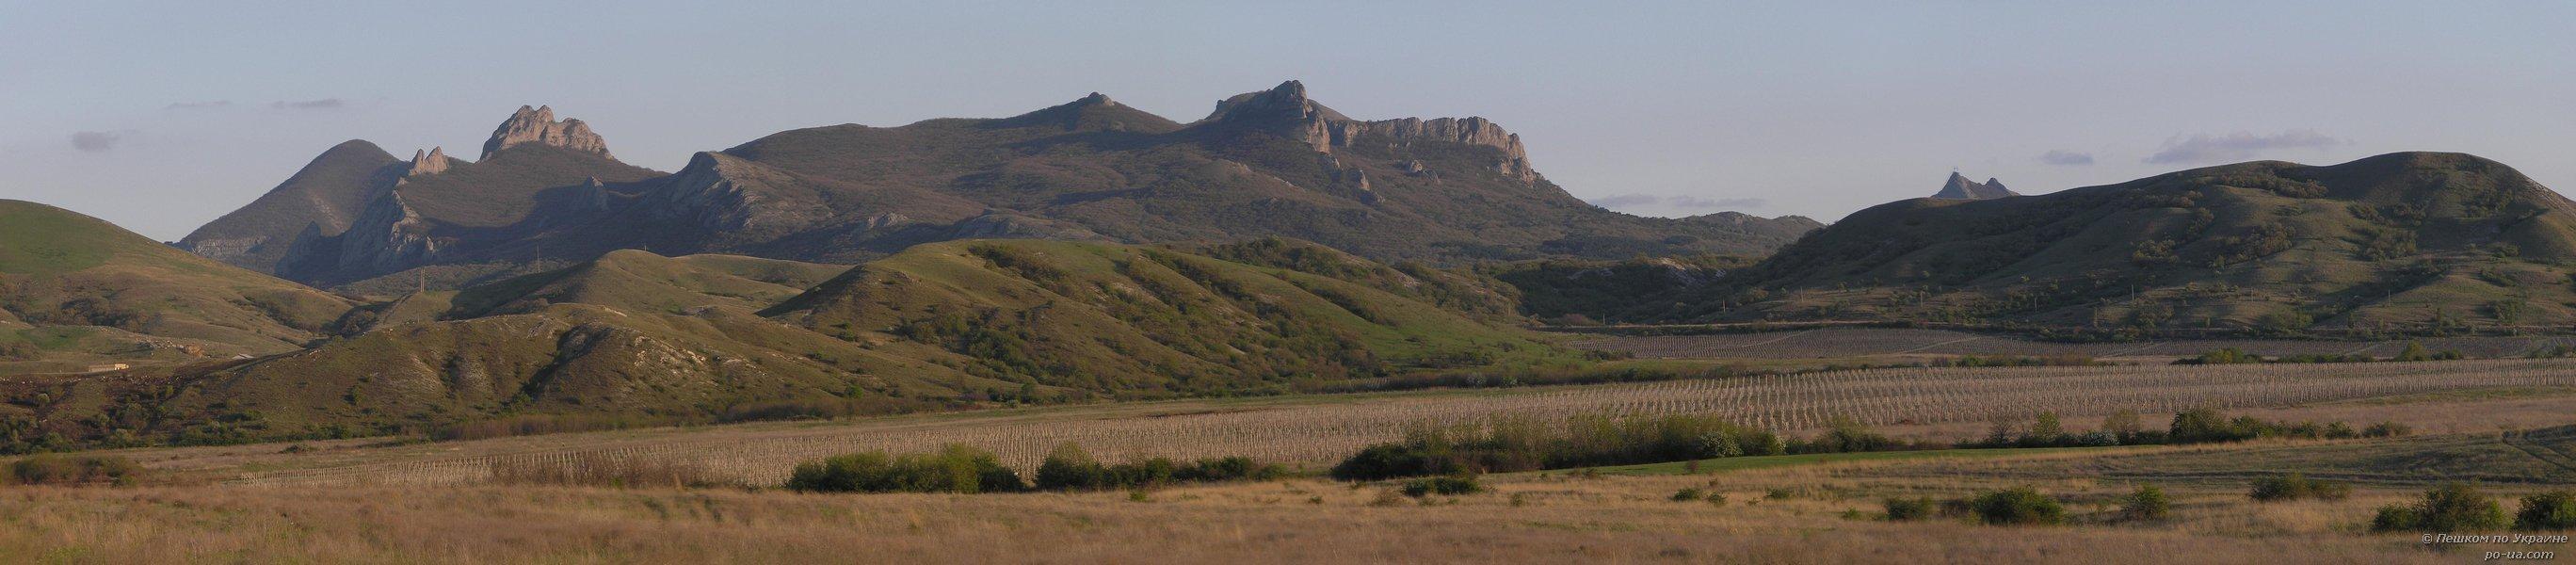 Панорама потухшего вулкана Карадаг